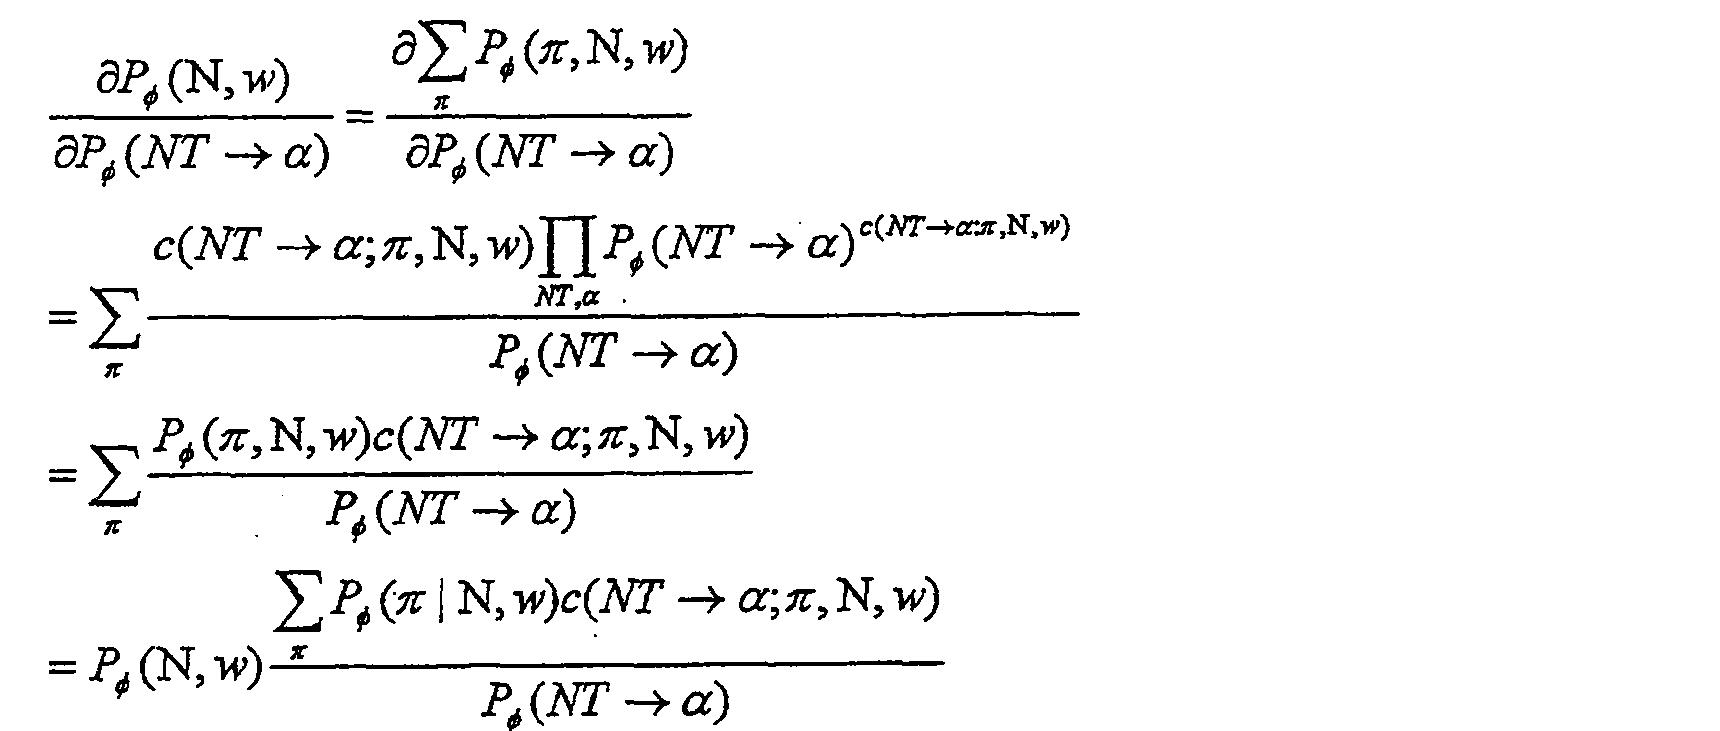 Figure CN1542736BD00151